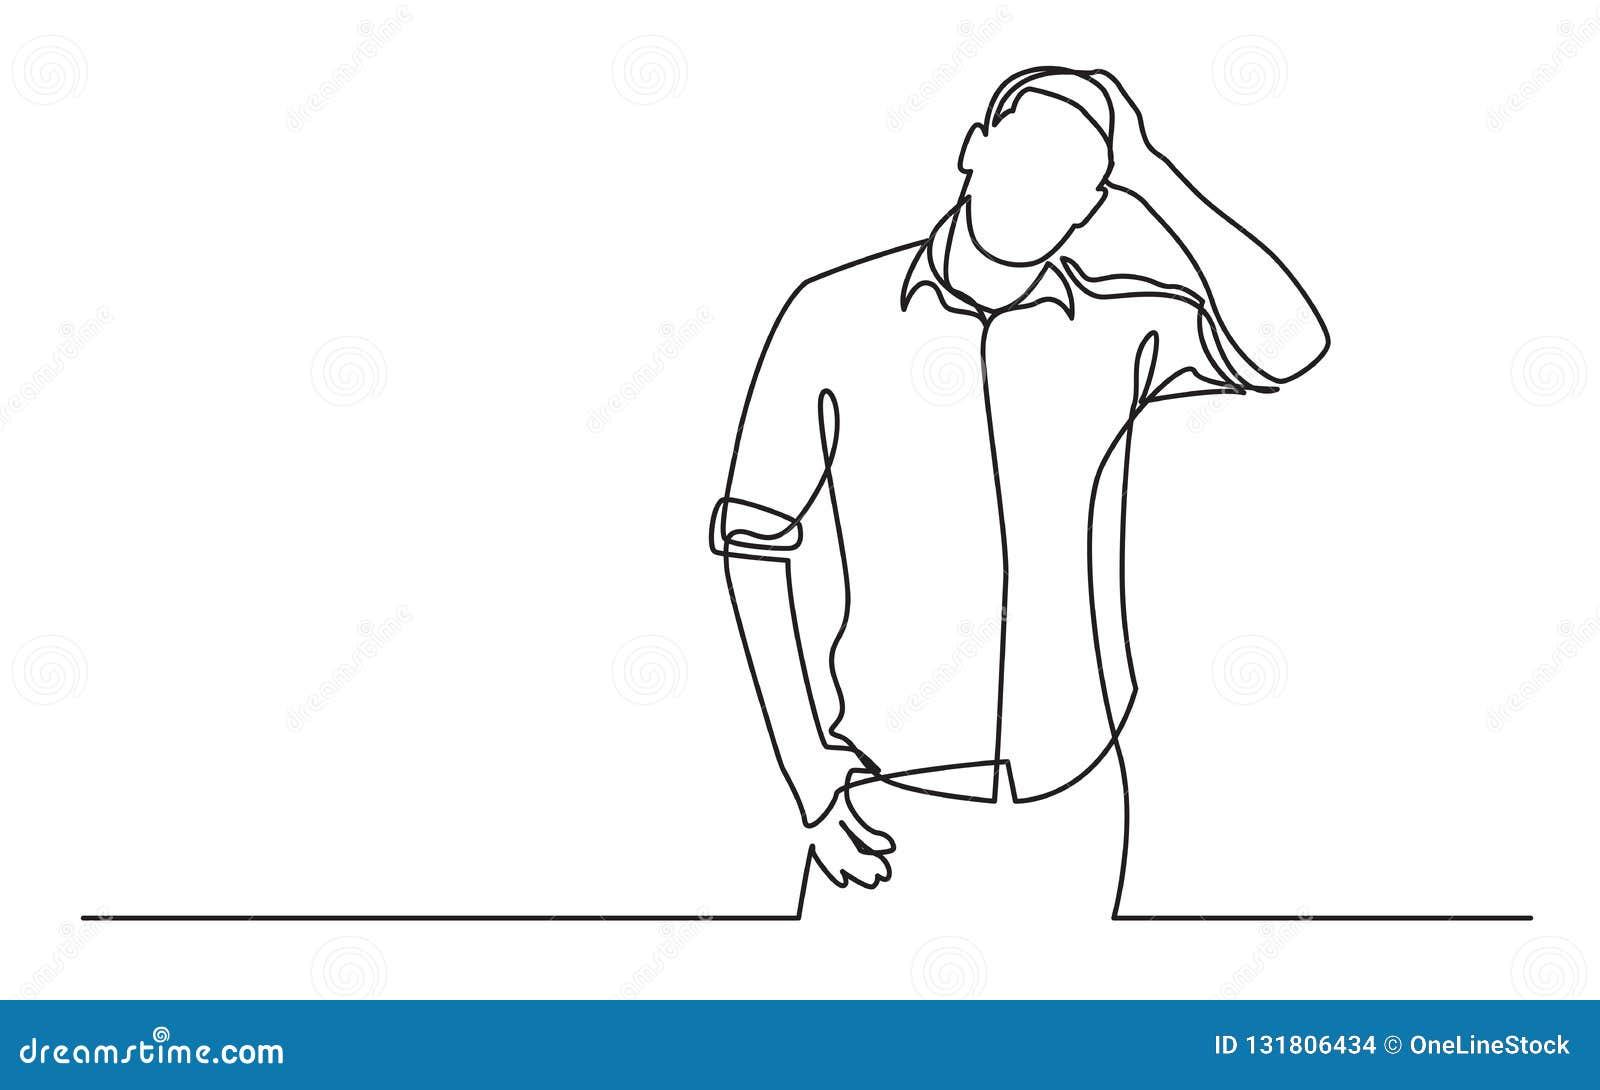 Непрерывная линия чертеж стоя разочарованного человека в рубашке